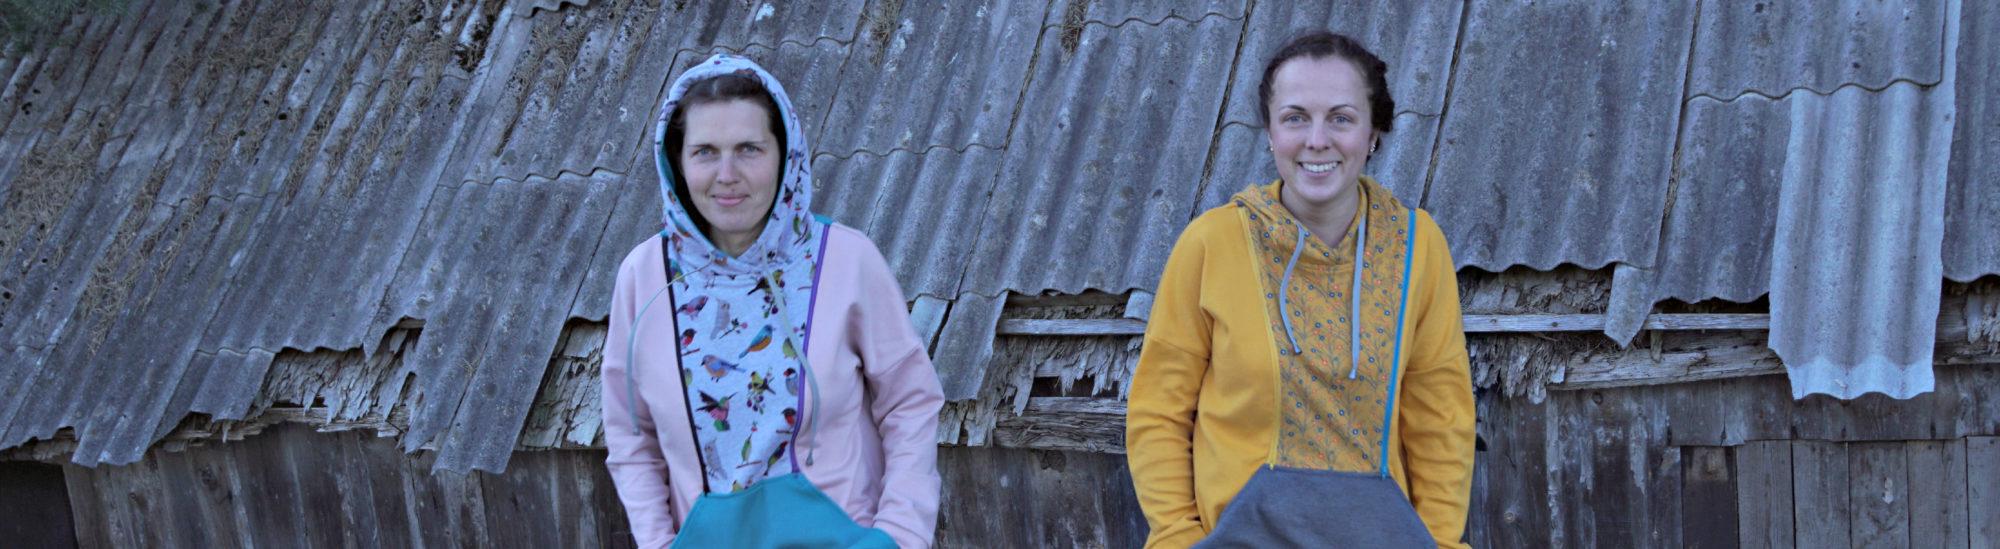 nutikad riided silmatera imetamiseks ning tekstiilkäsitöö